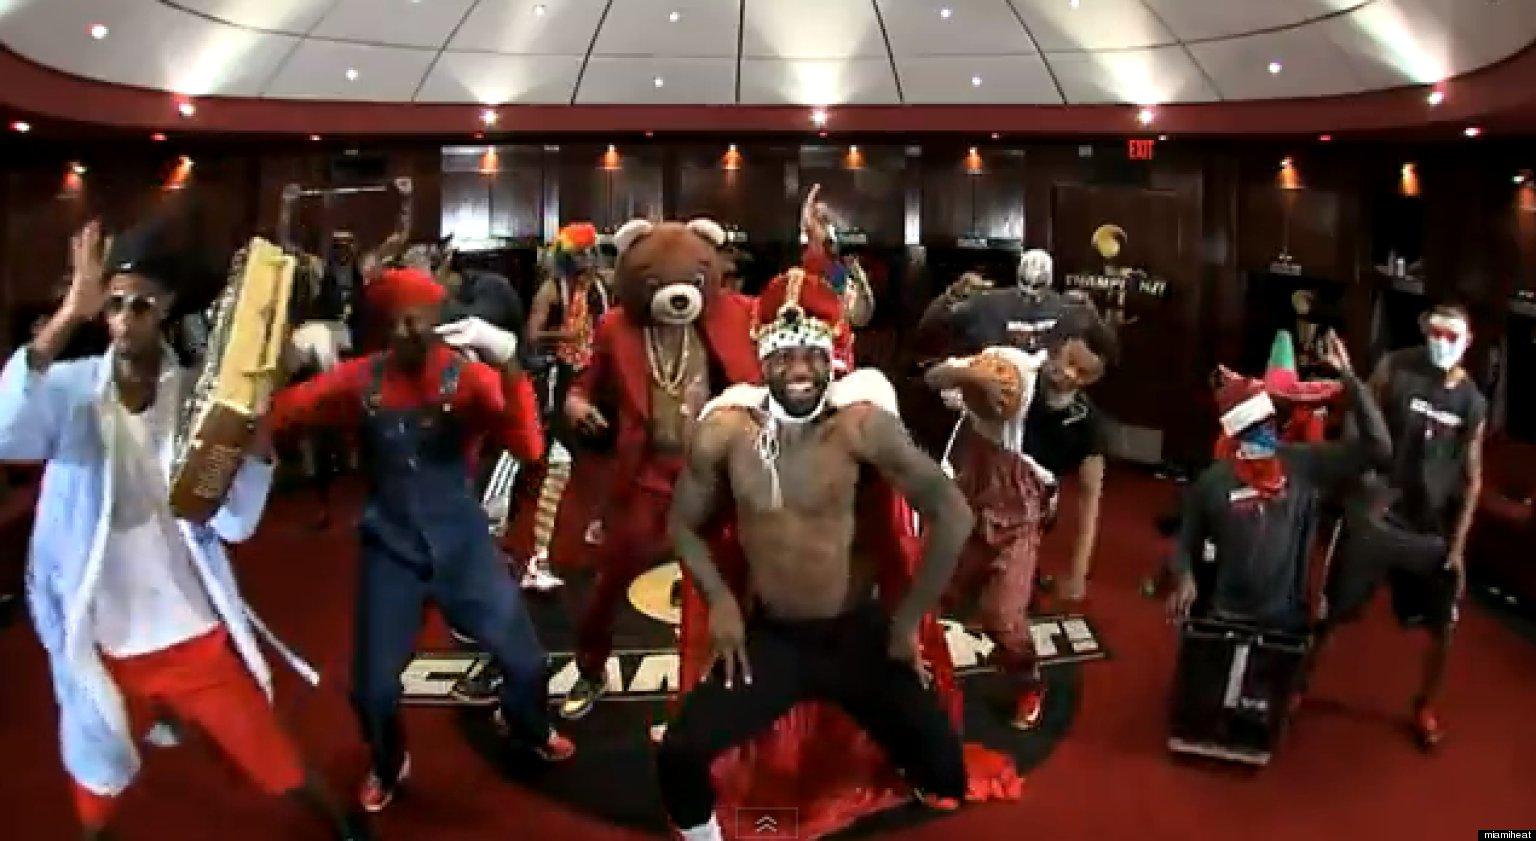 Heat Harlem Shake: LeBron James, Birdman Make Harlem Shake ...